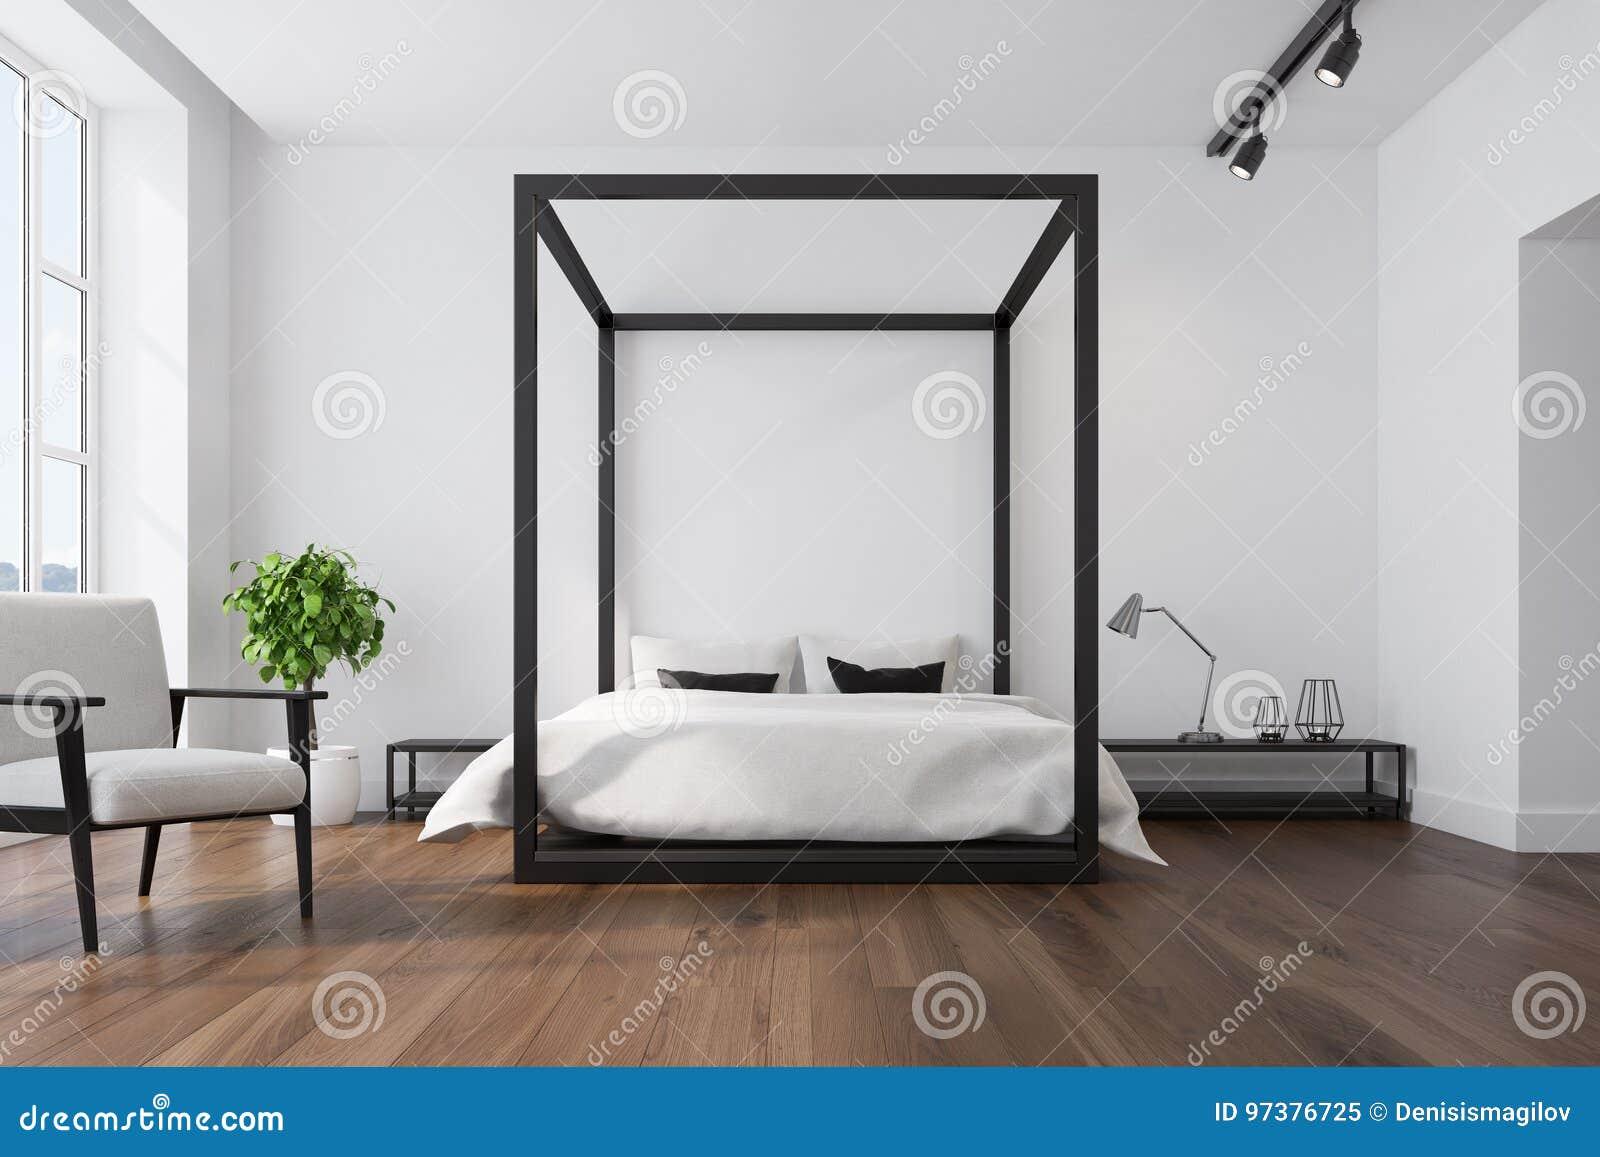 白色卧室内部,扶手椅子